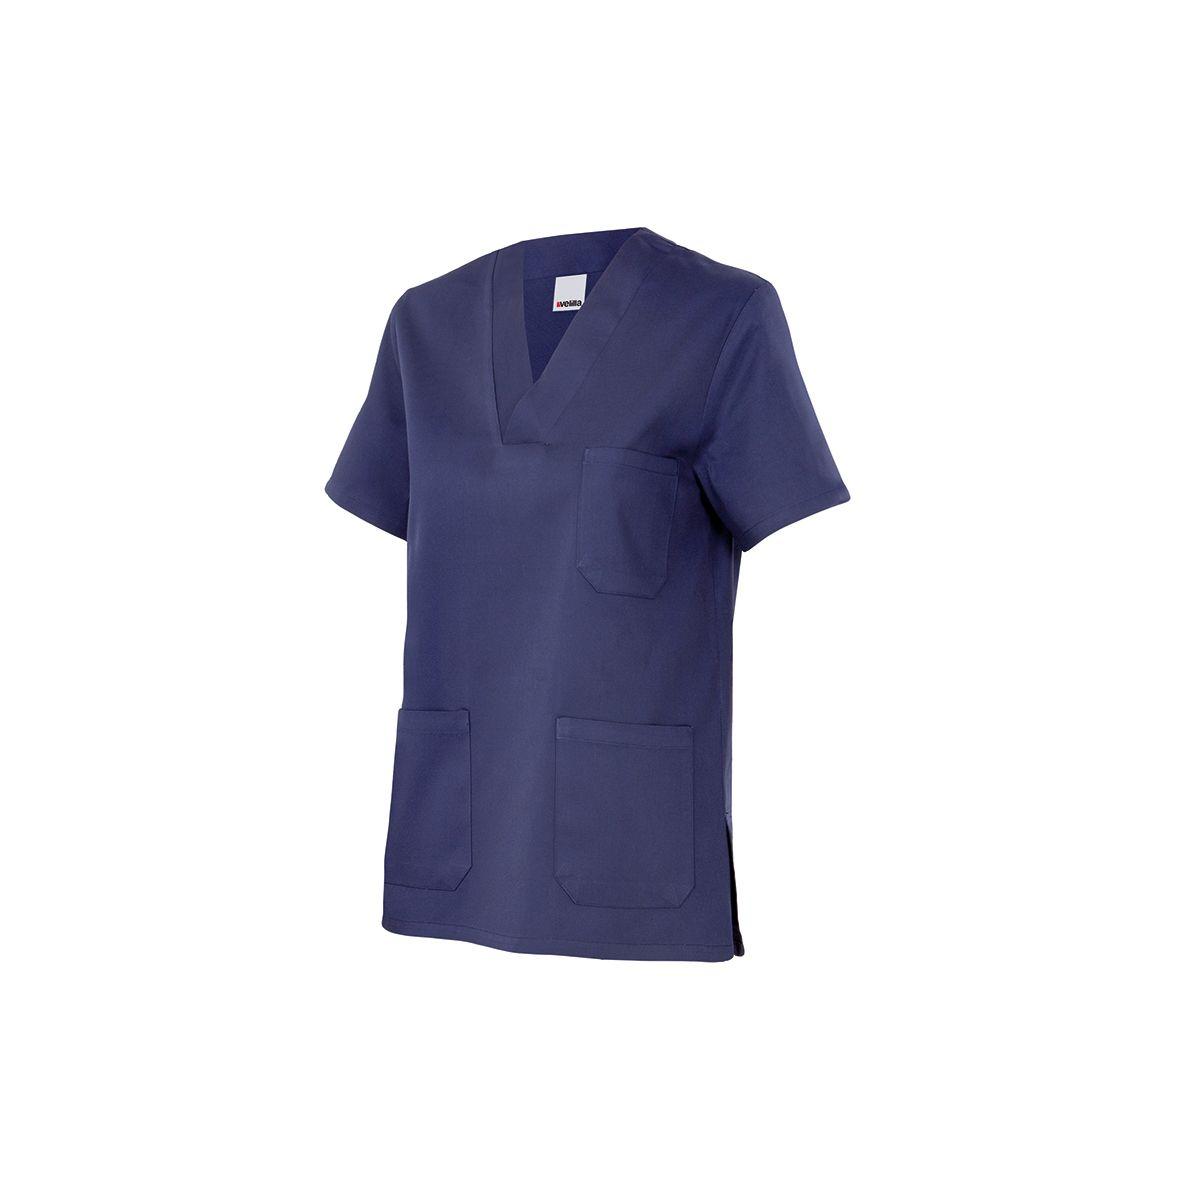 Camisola pijama manga corta (ref: 589)